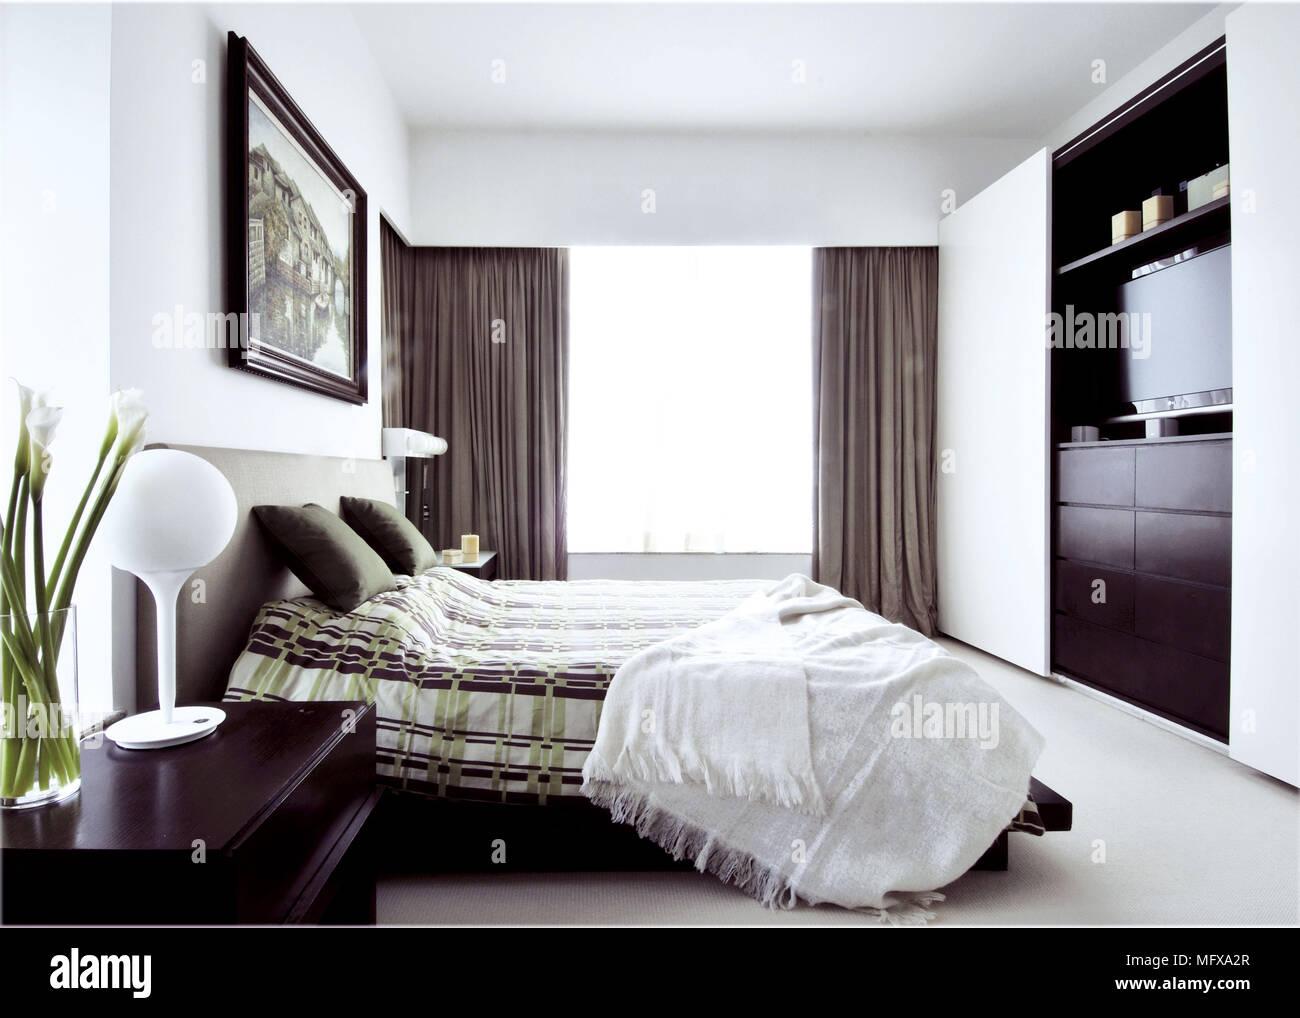 Doppelbett An Der Wand Montierte Fernseher In Modernes Schlafzimmer Stockfotografie Alamy